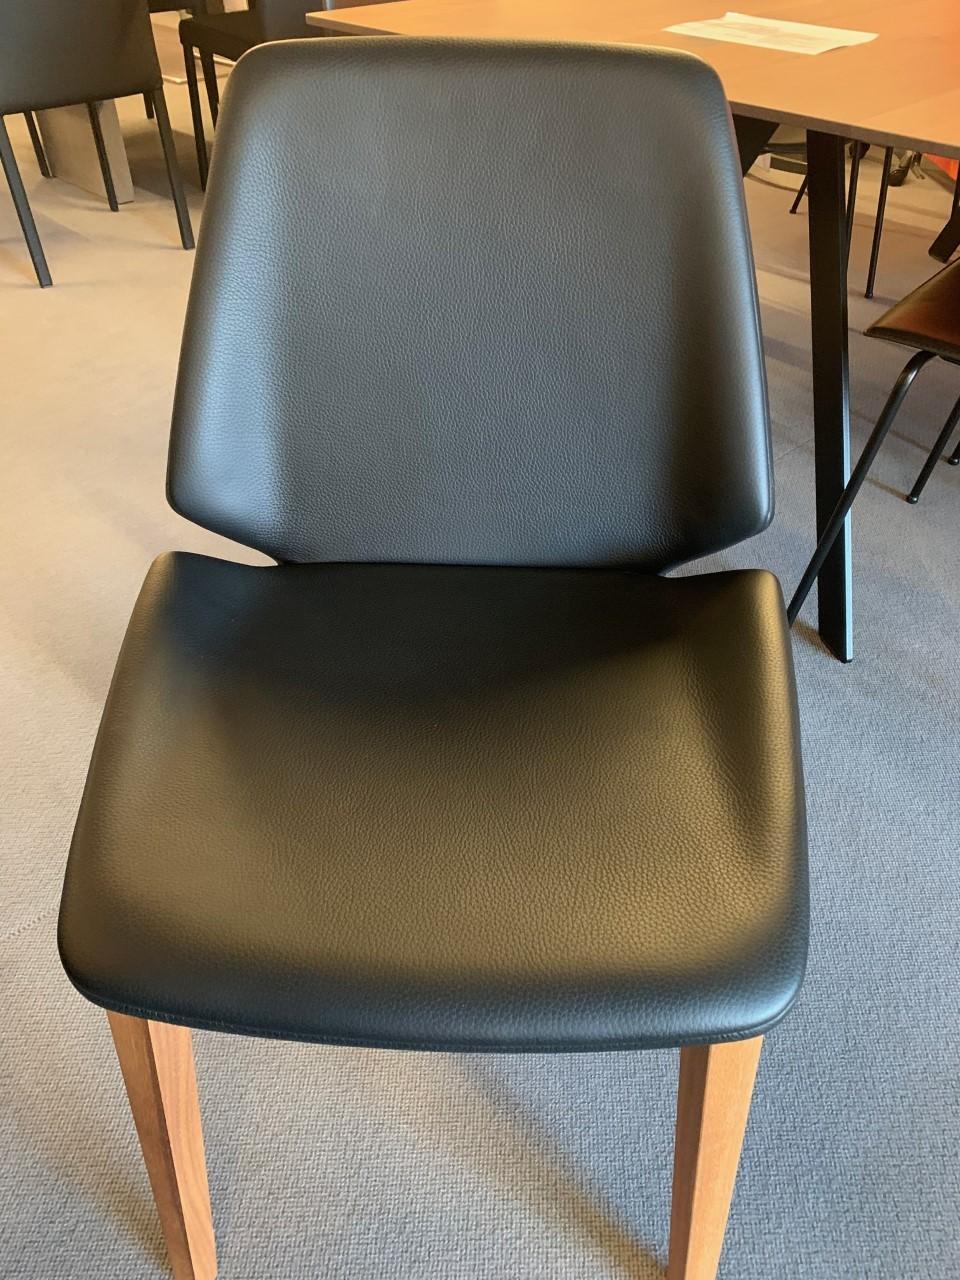 4-Bein Stuhl Modell Pala von Girsberger in Leder schwarz 02